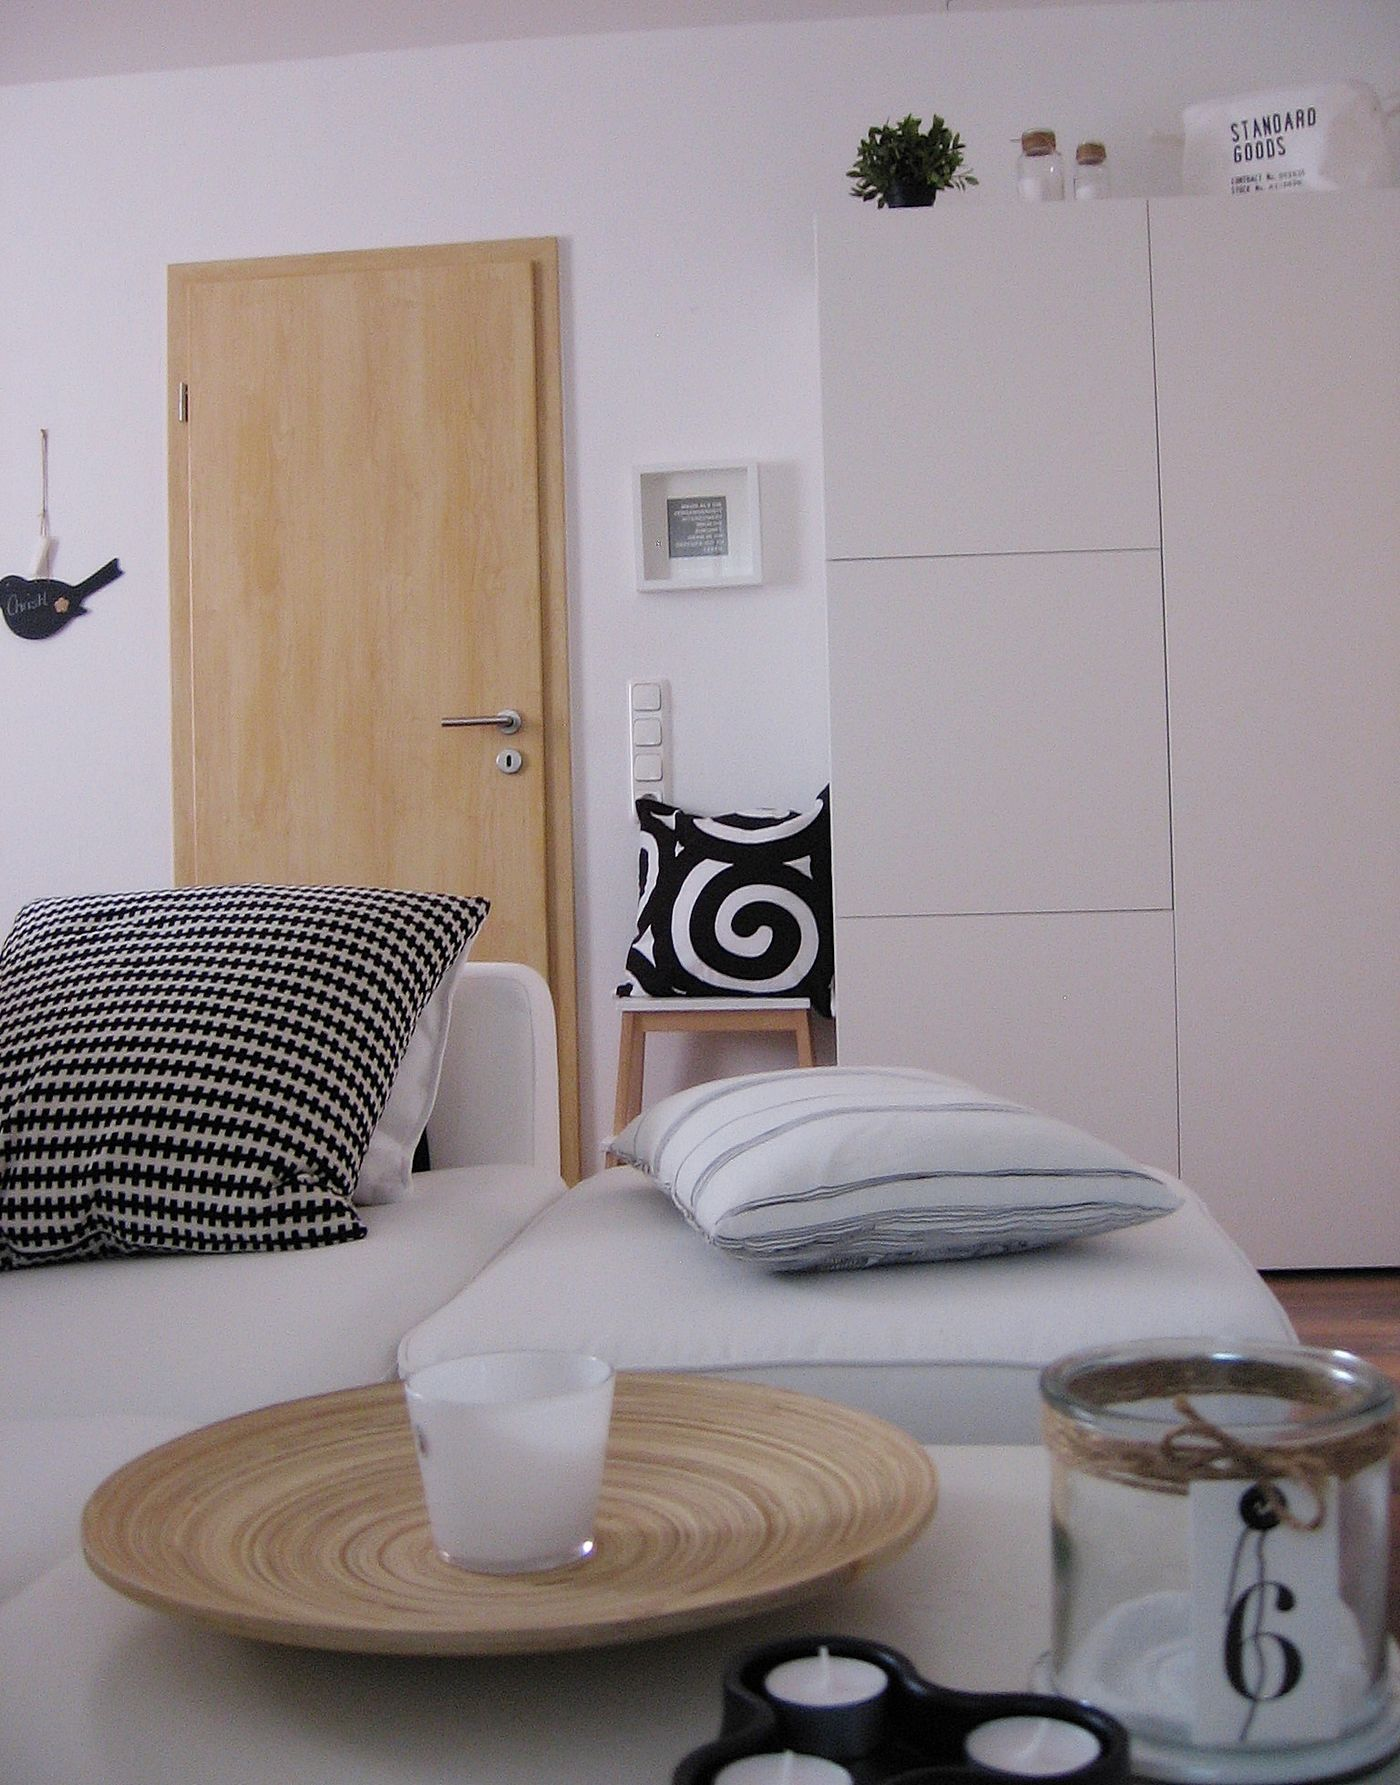 Ikea Ribba Bilderrahmen: Ideen & Bilder